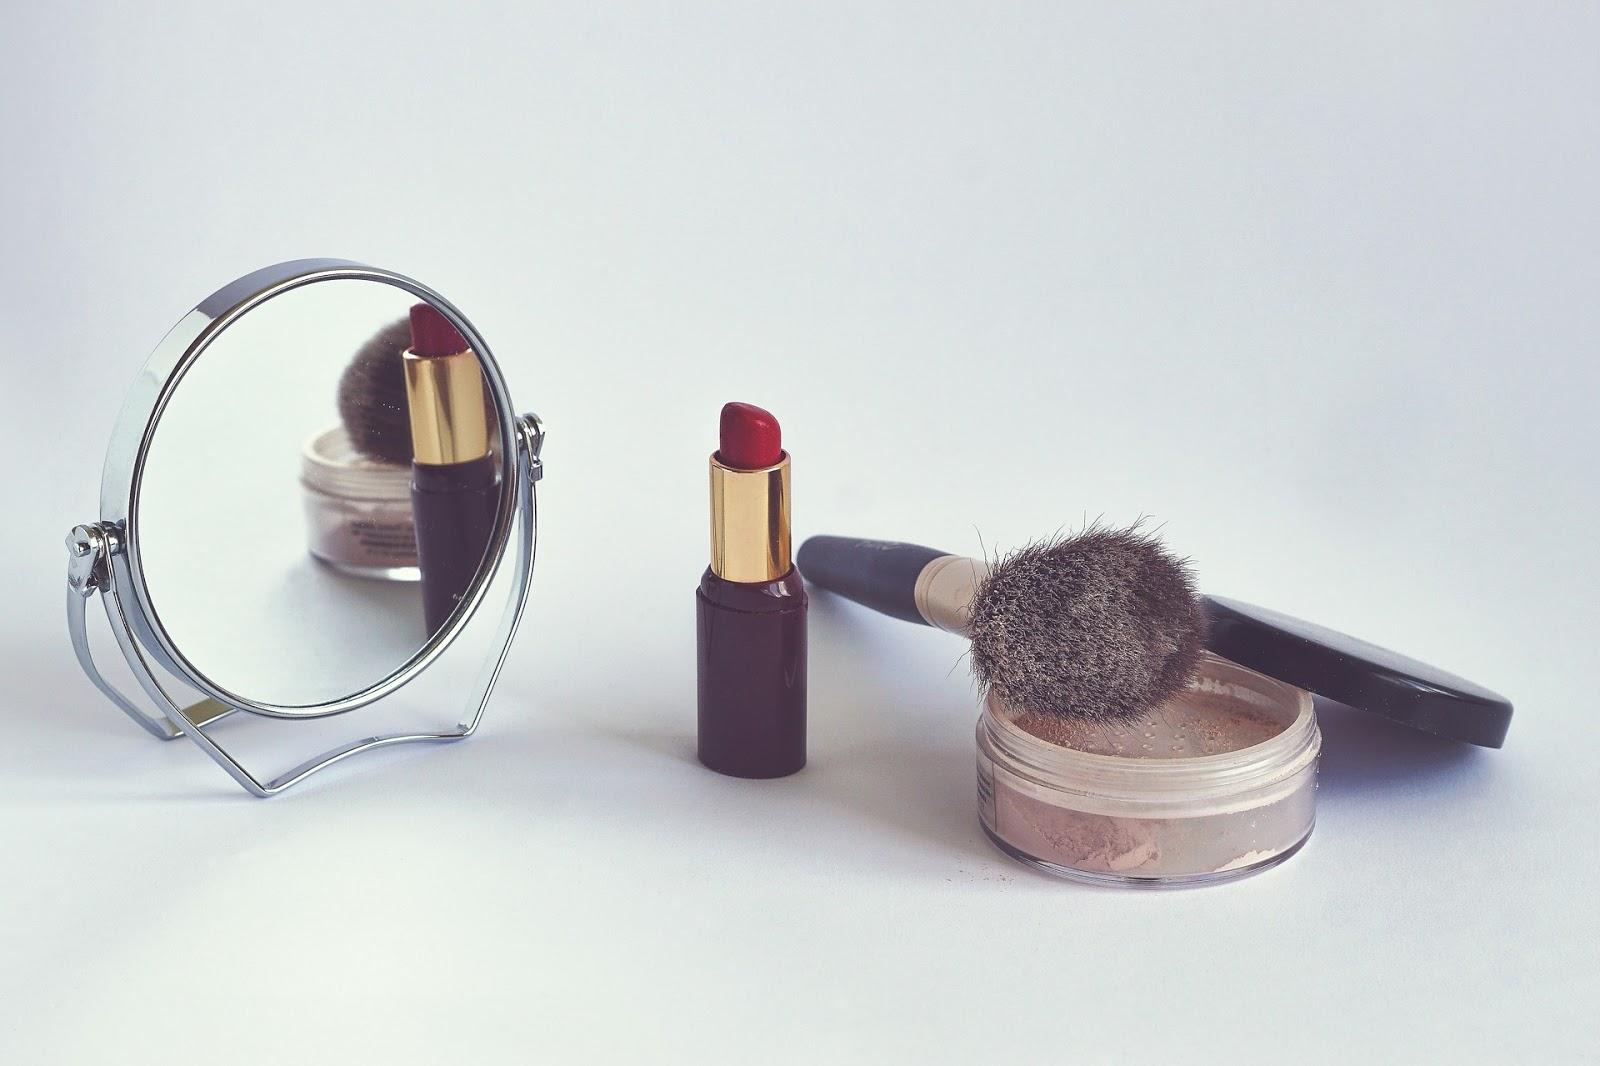 Jak ograniczyć kupowanie kosmetyków?